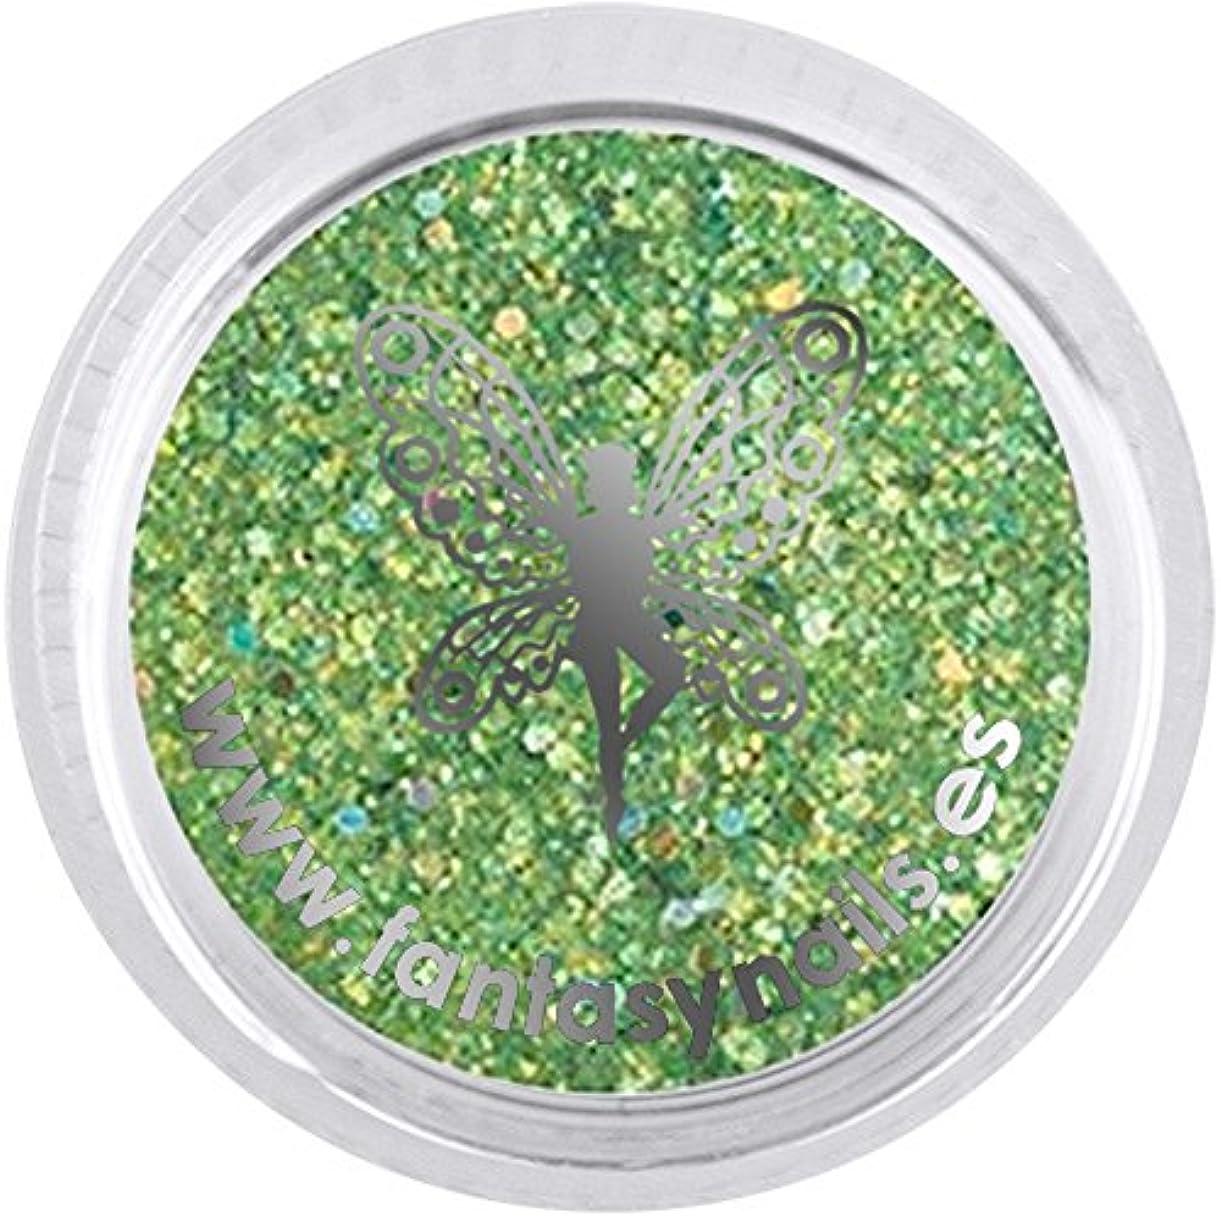 日記コンプライアンス復活FANTASY NAIL ダイヤモンドコレクション 3g 4265XS カラーパウダー アート材